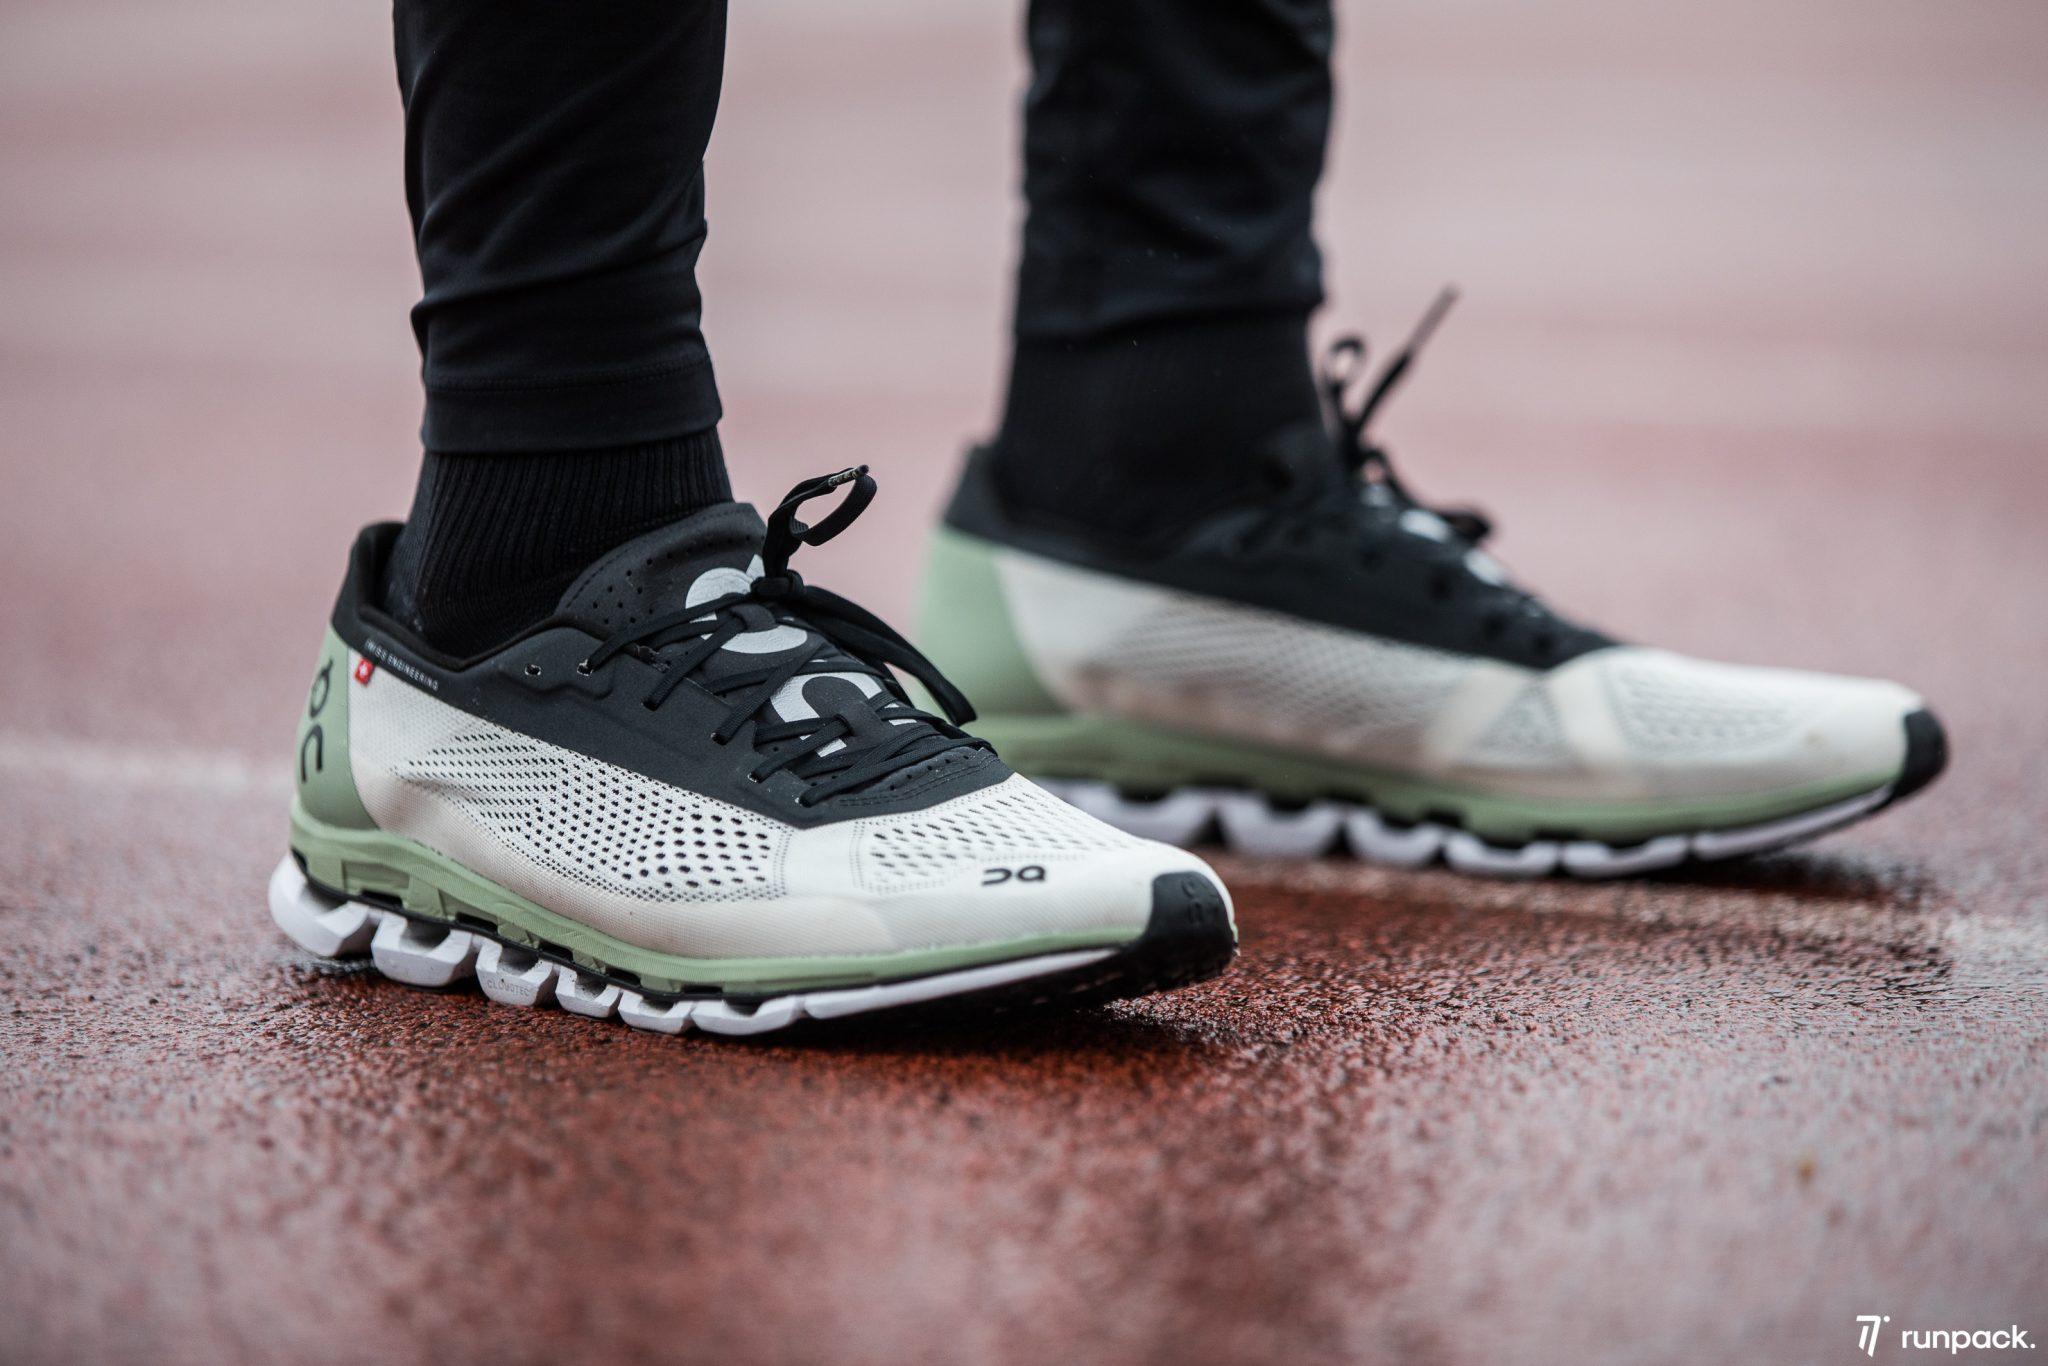 chaussures-plaques-de-carbone-running-runpack-1